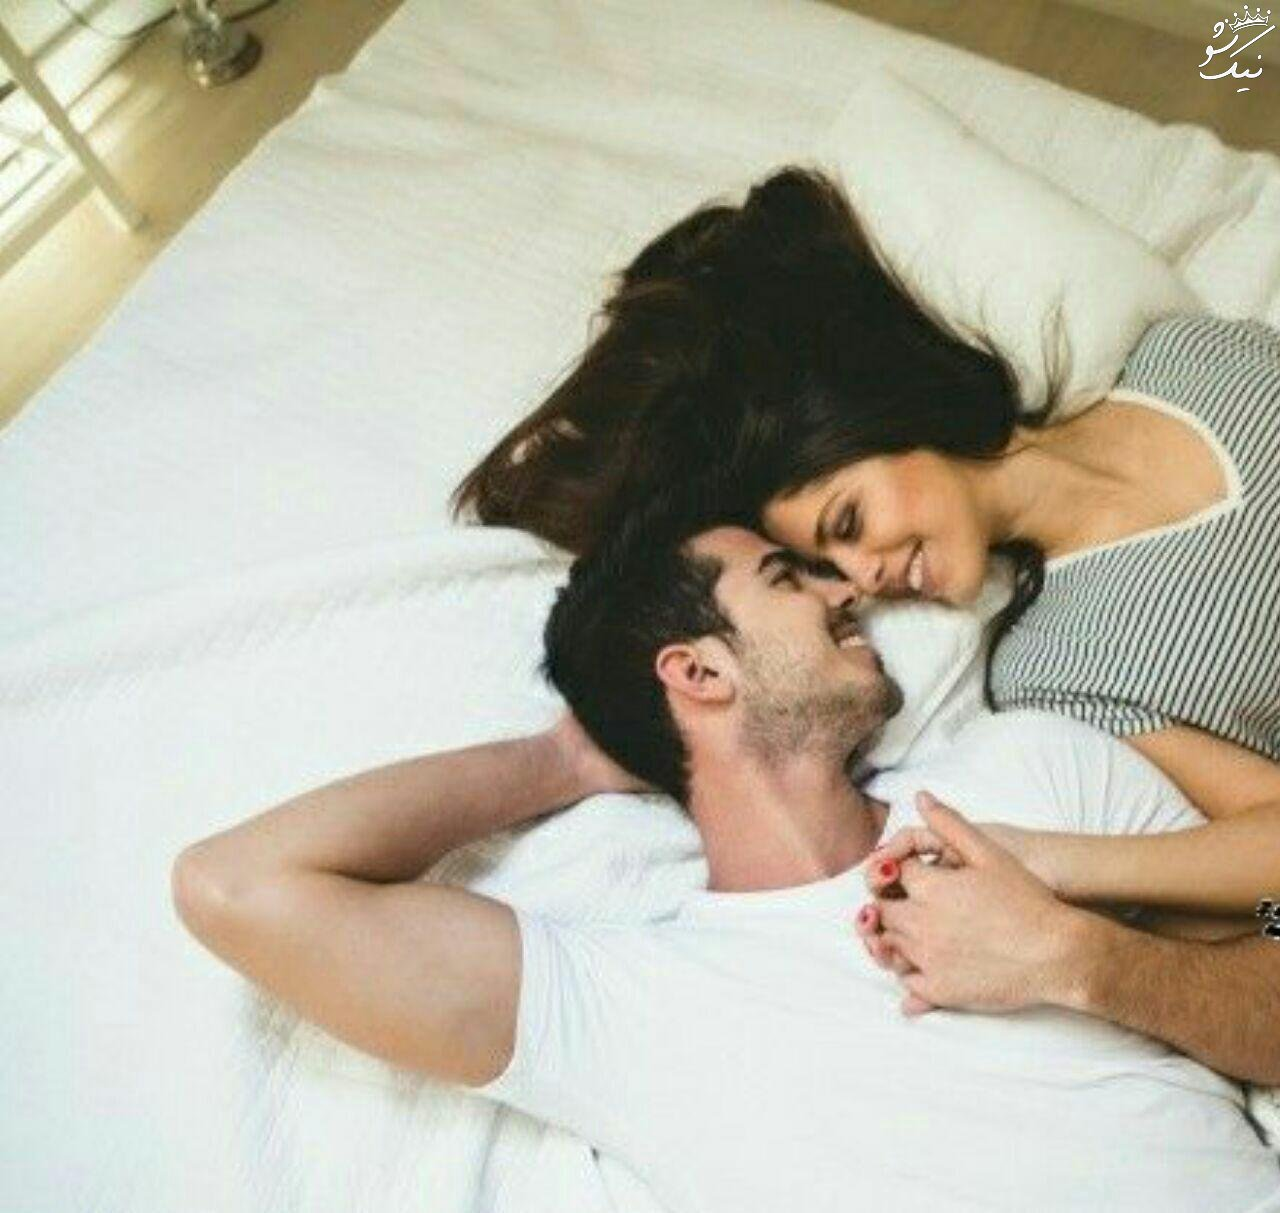 آموزش همسرداری | جنسی و رابطه عاطفی (9)